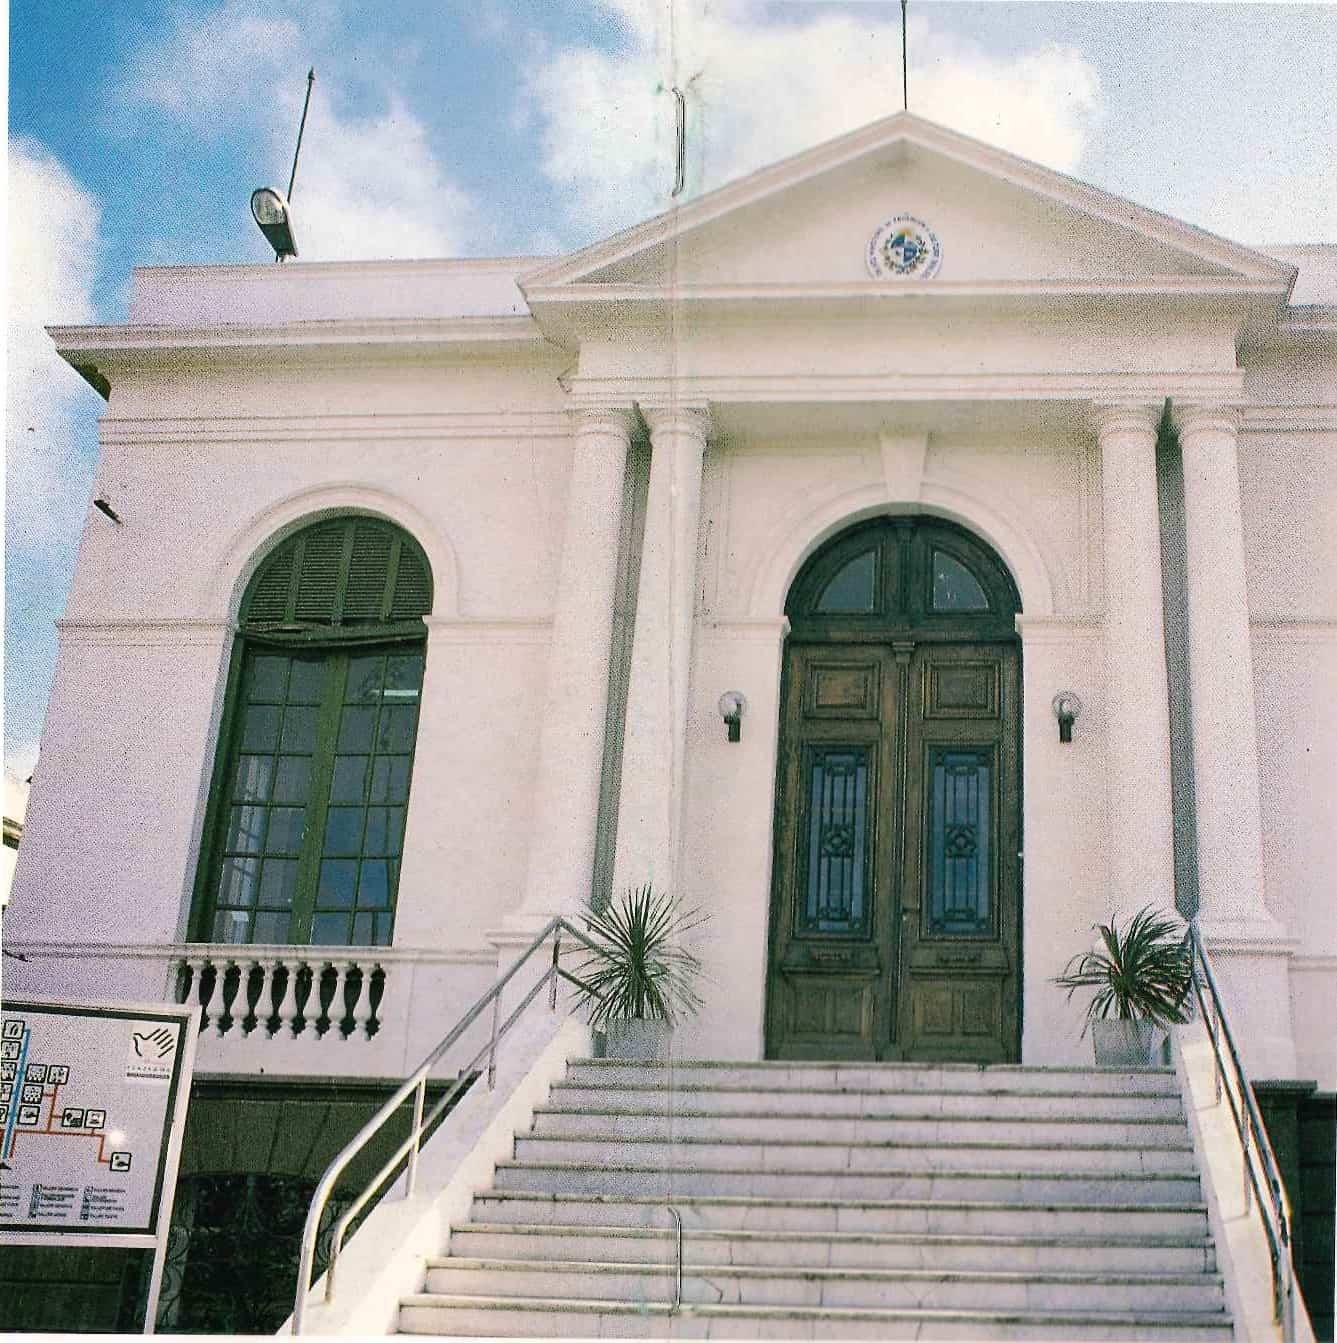 Centro di Disegno Industriale di Montevideo